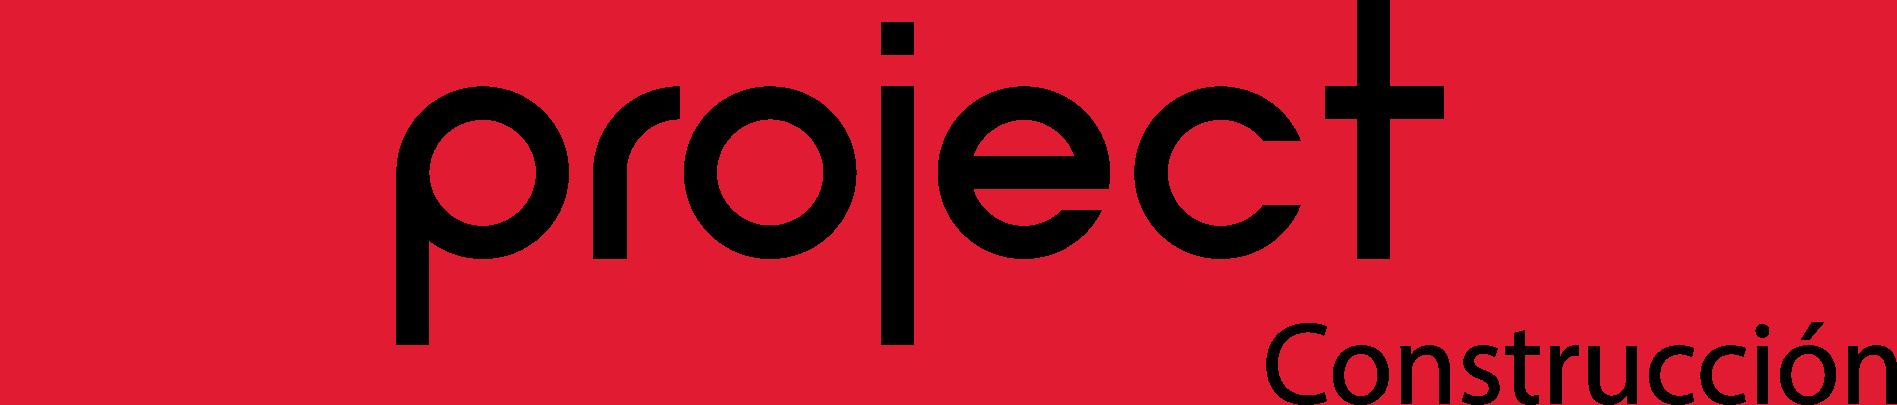 logotipo dvproject construccion y obras